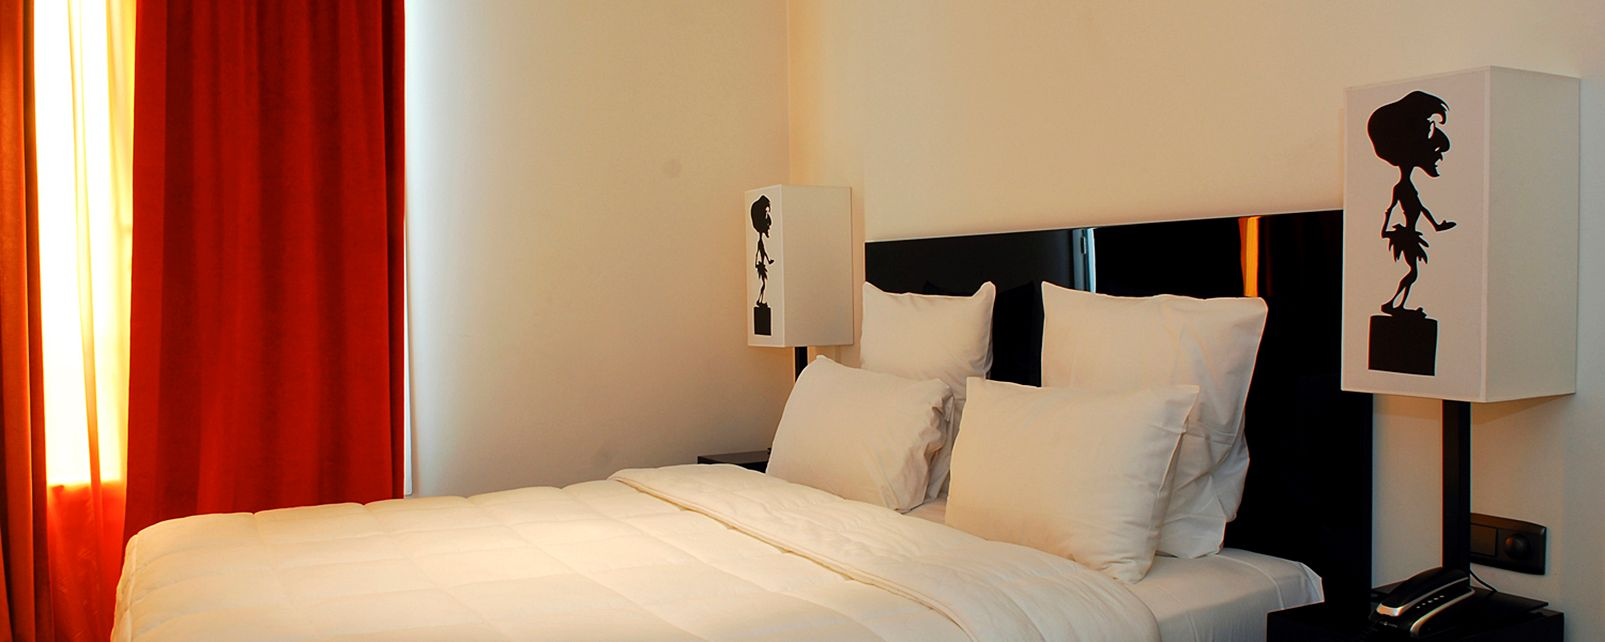 Hôtel CHAT NOIR DESIGN HOTEL